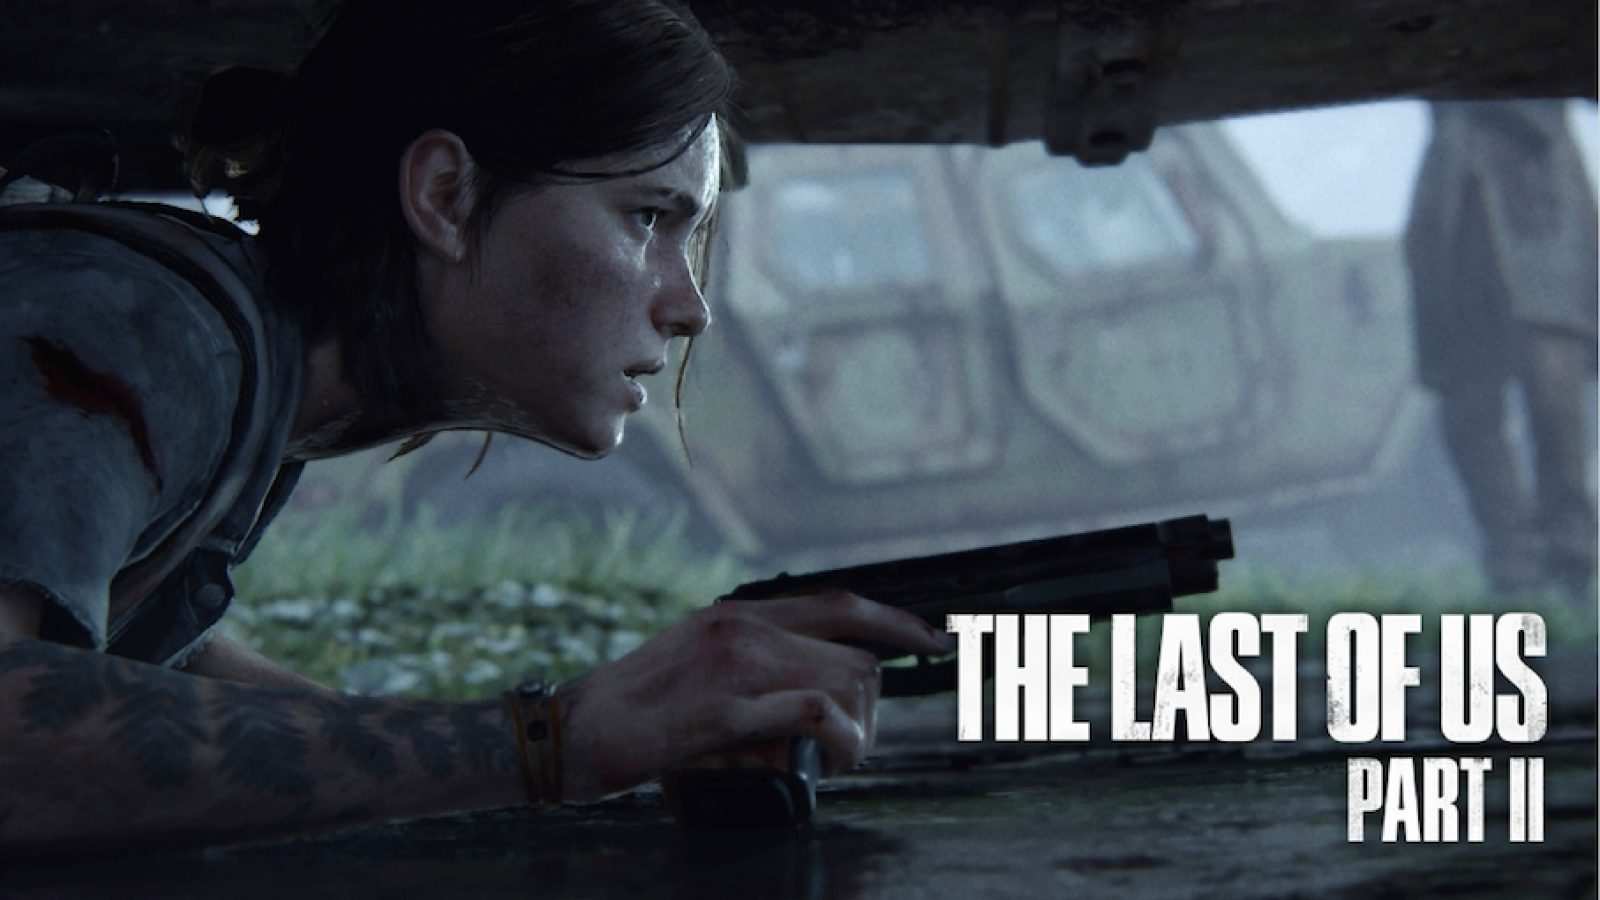 巴西媒体称《最后生还者2》将发布预告片 今秋登陆PS4